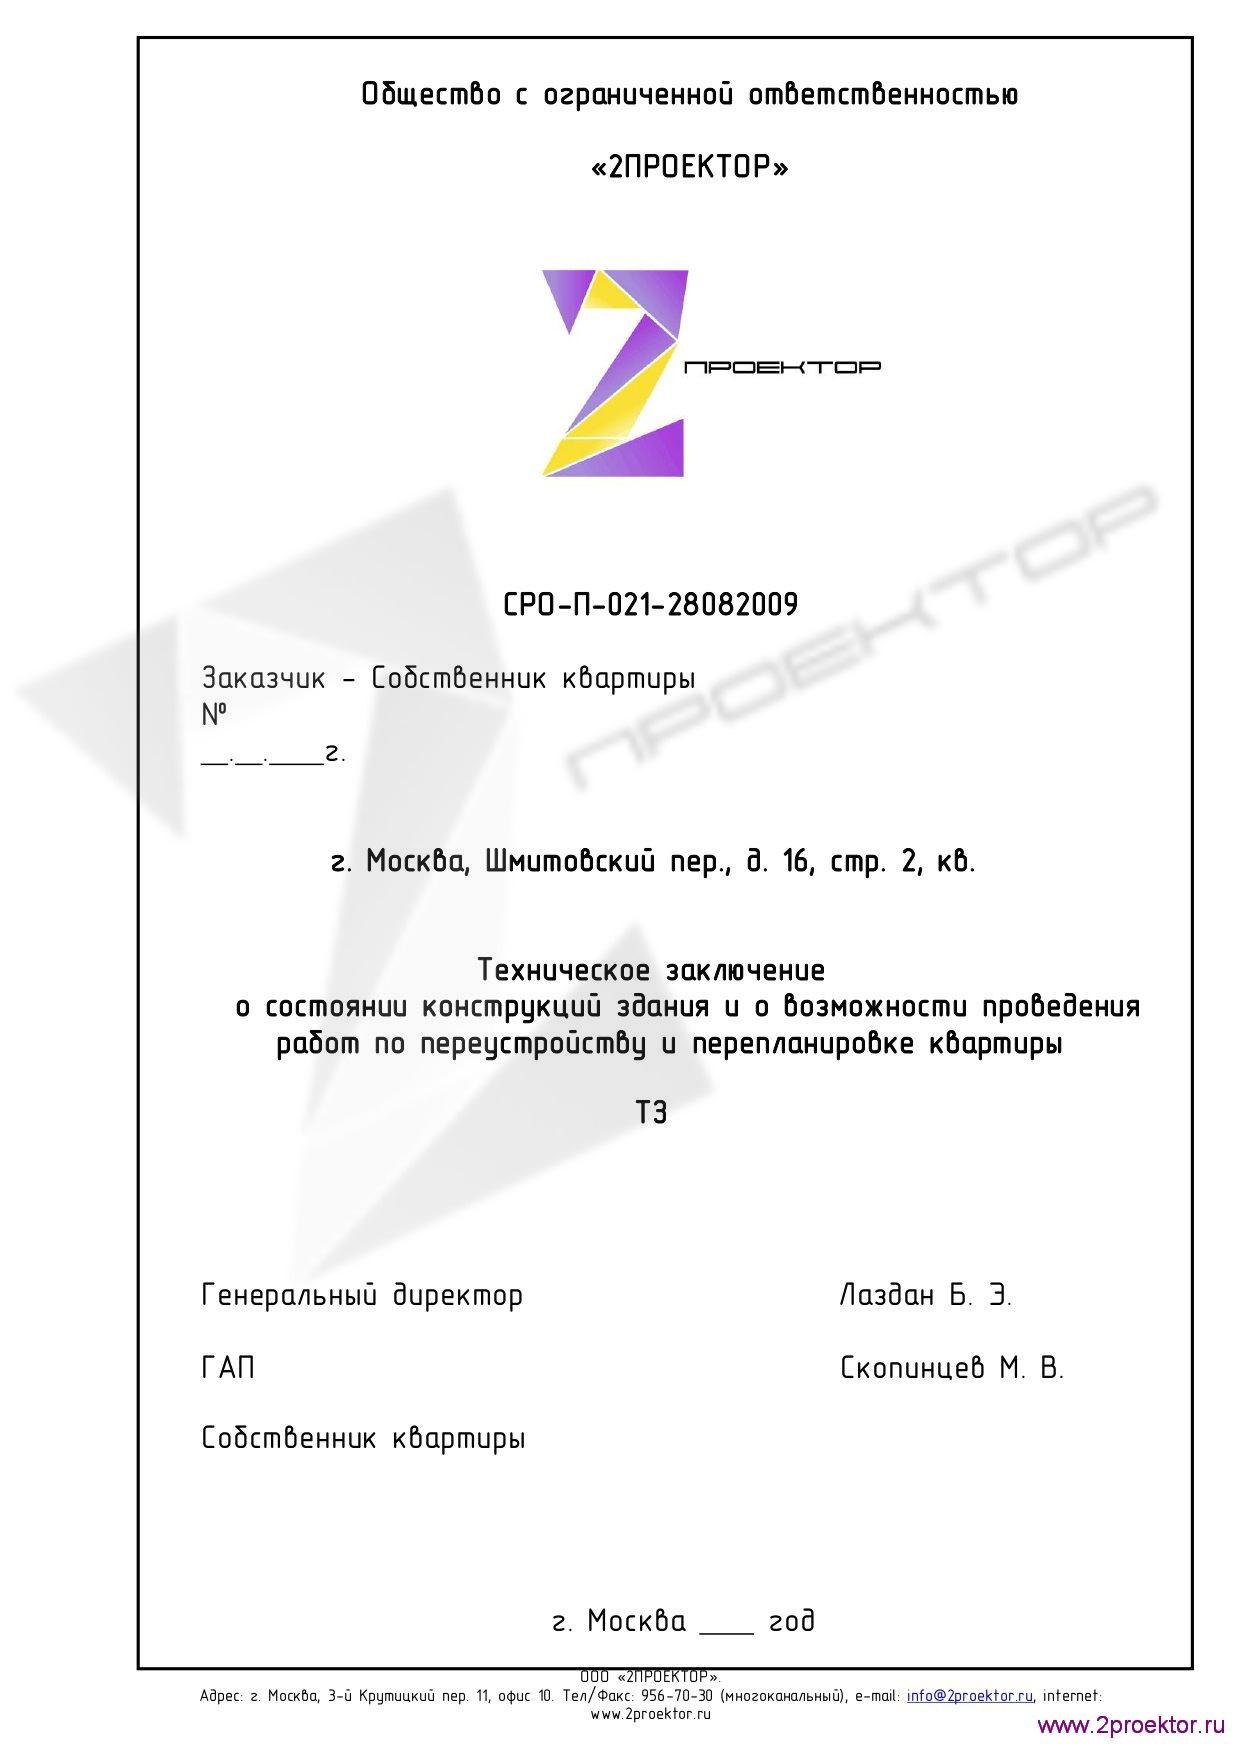 Техническое заключение о возможности перепланировки квартиры в Жилом комплексе Шмитовский